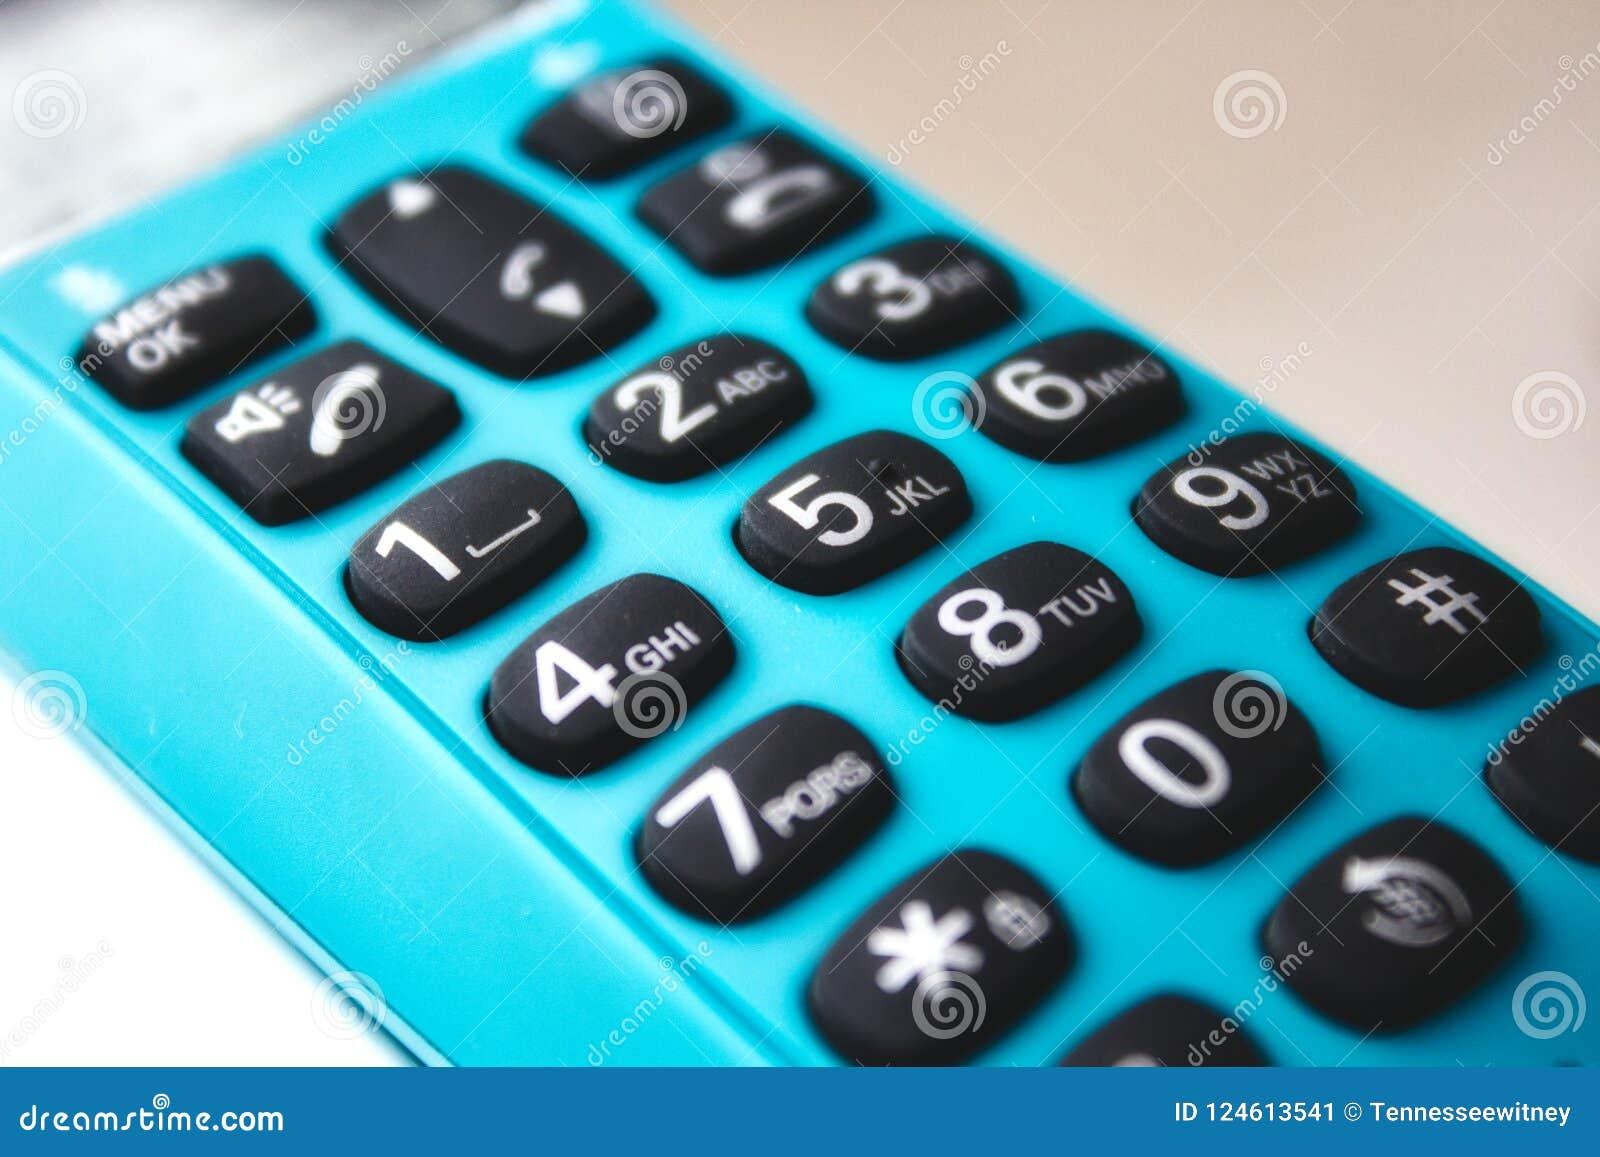 Nahaufnahme auf Tastatur eines Handtelefons